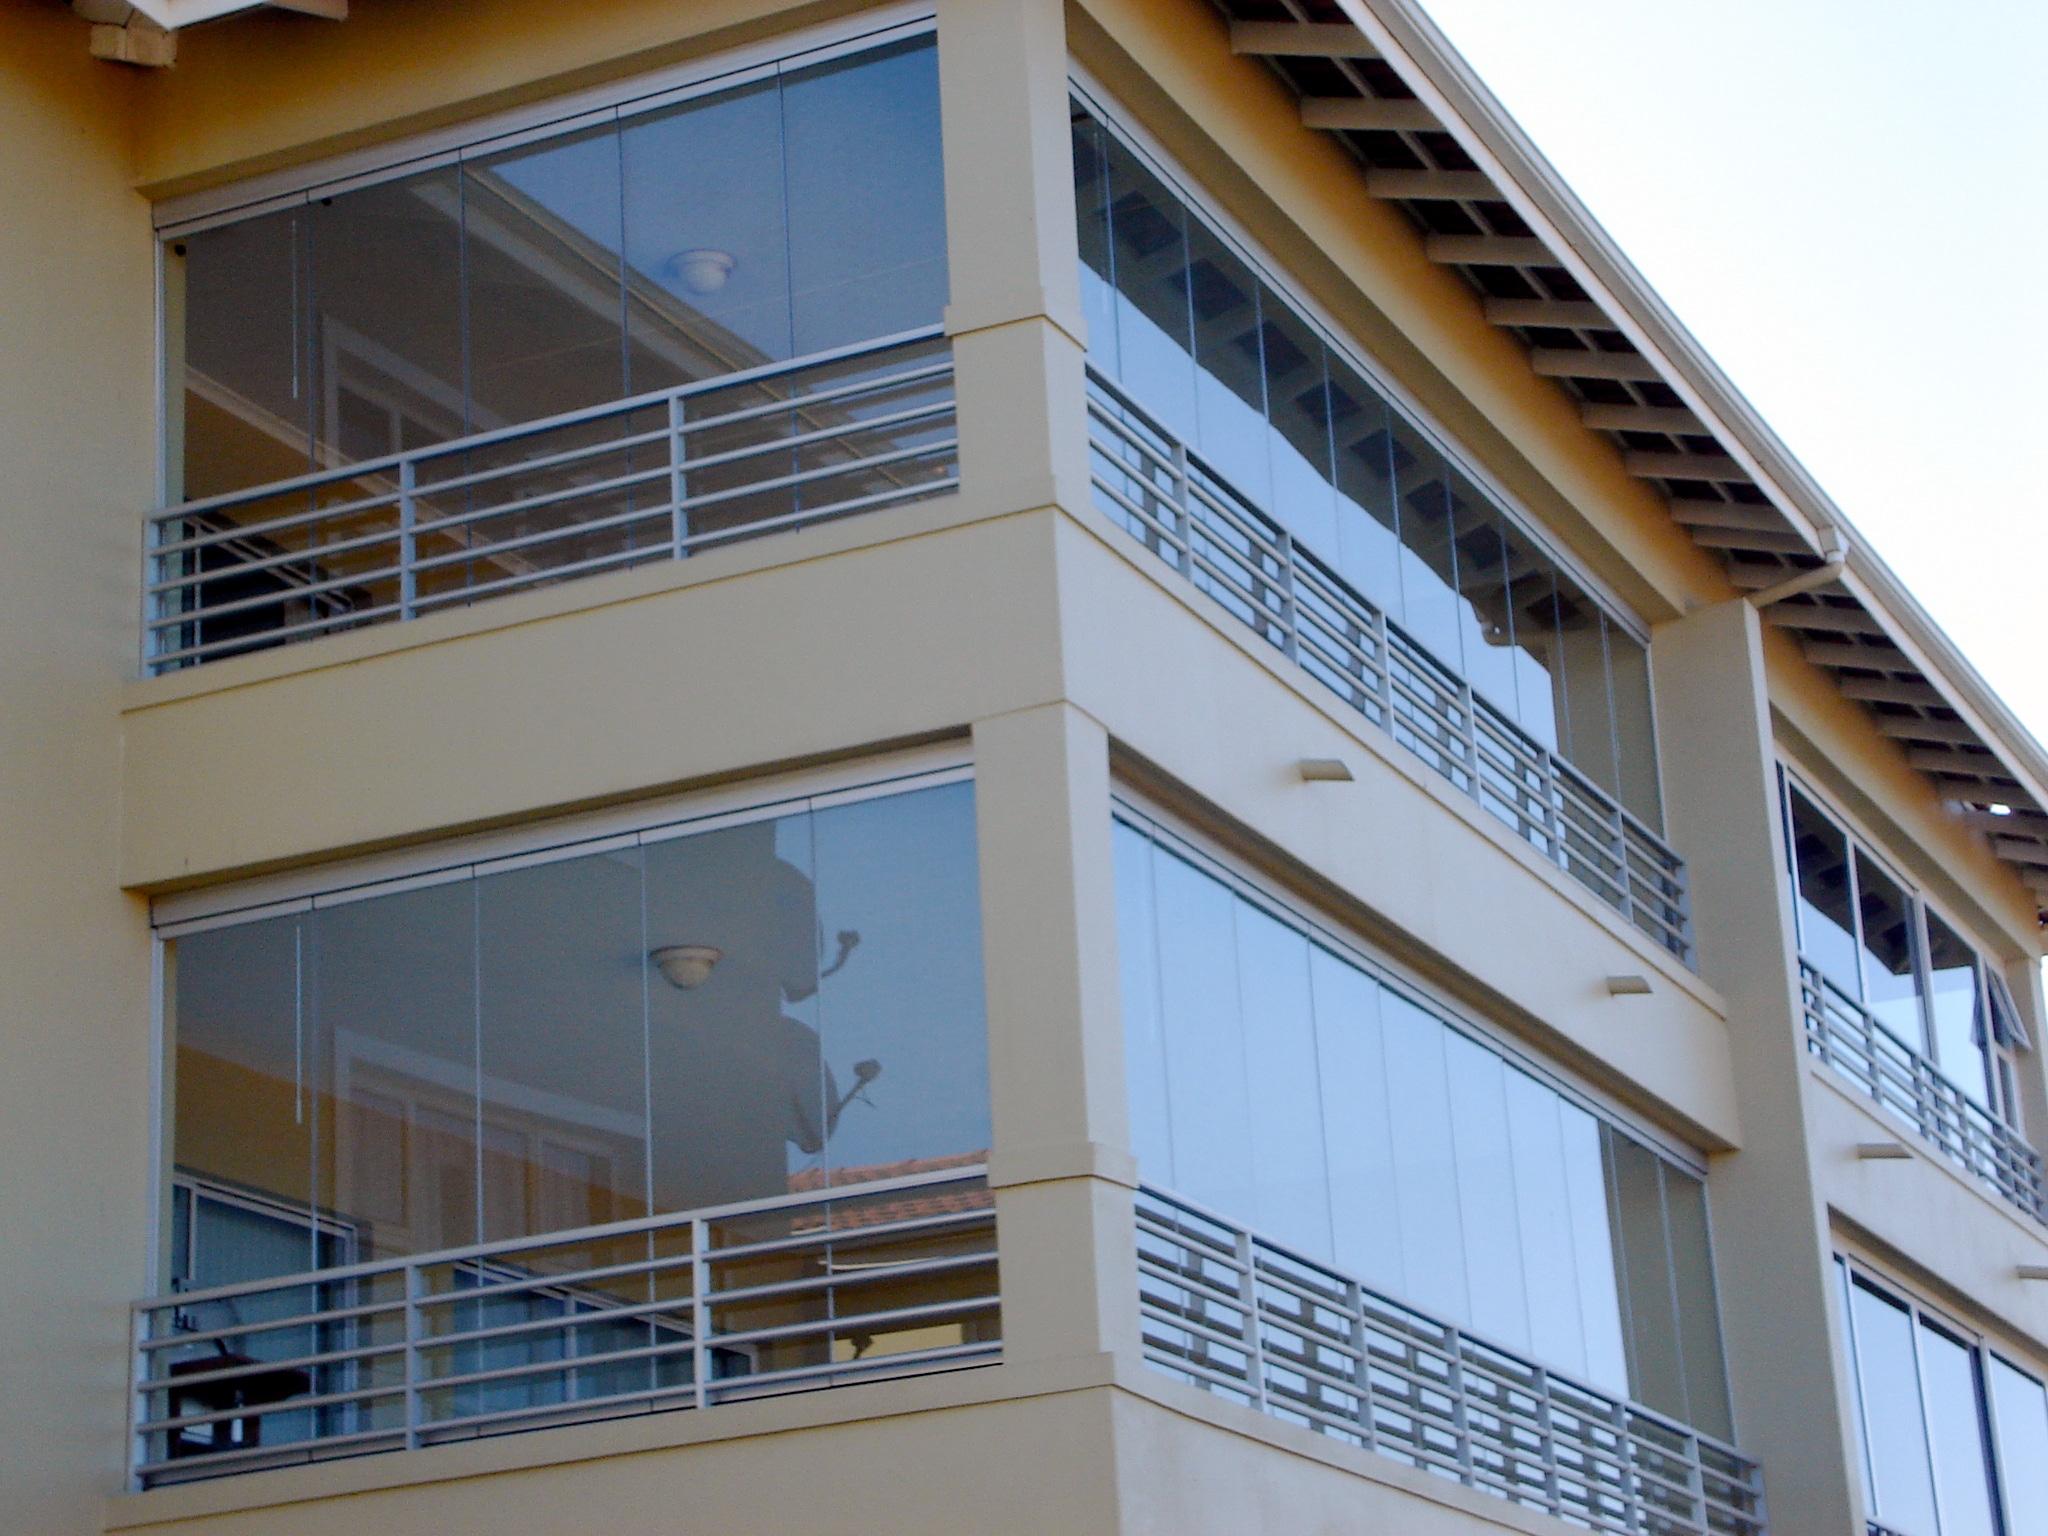 Balkonverglasung zur Seite geschoben & geklappt